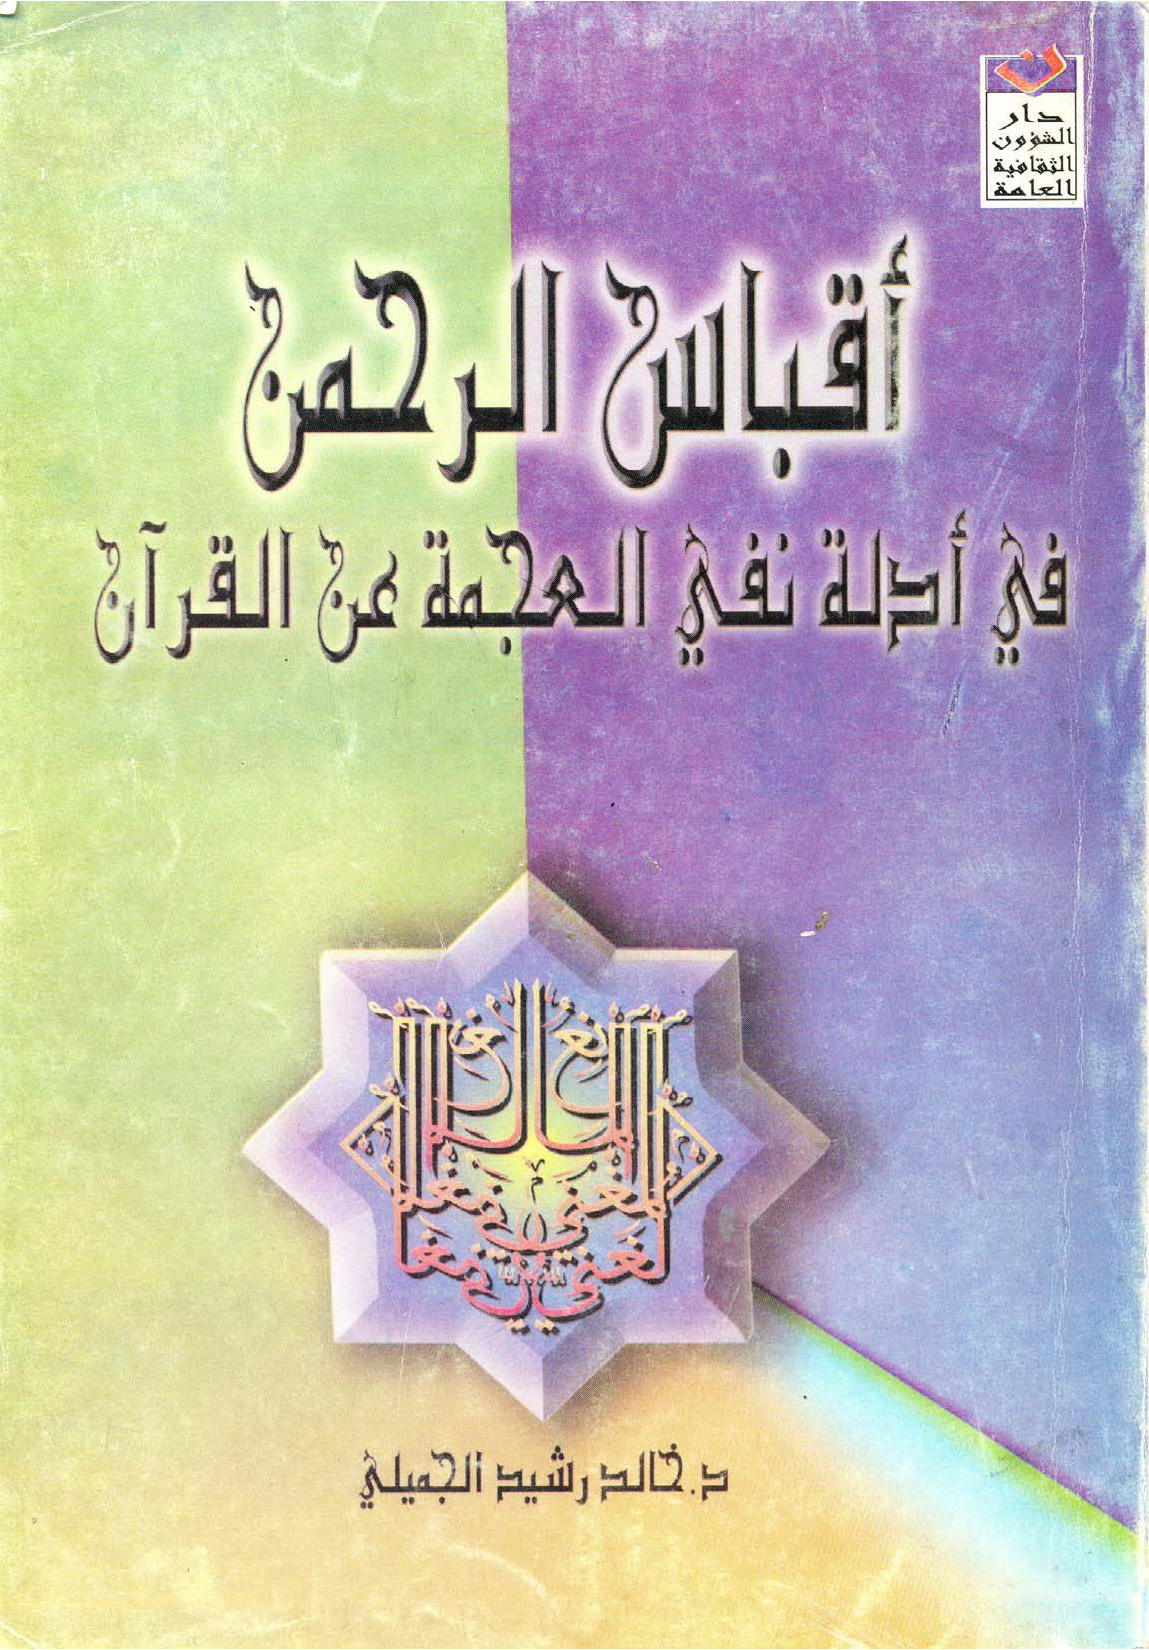 تحميل كتاب أقباس الرحمن في أدلة نفي العجمة عن القرآن لـِ: الدكتور خالد رشيد الجميلي